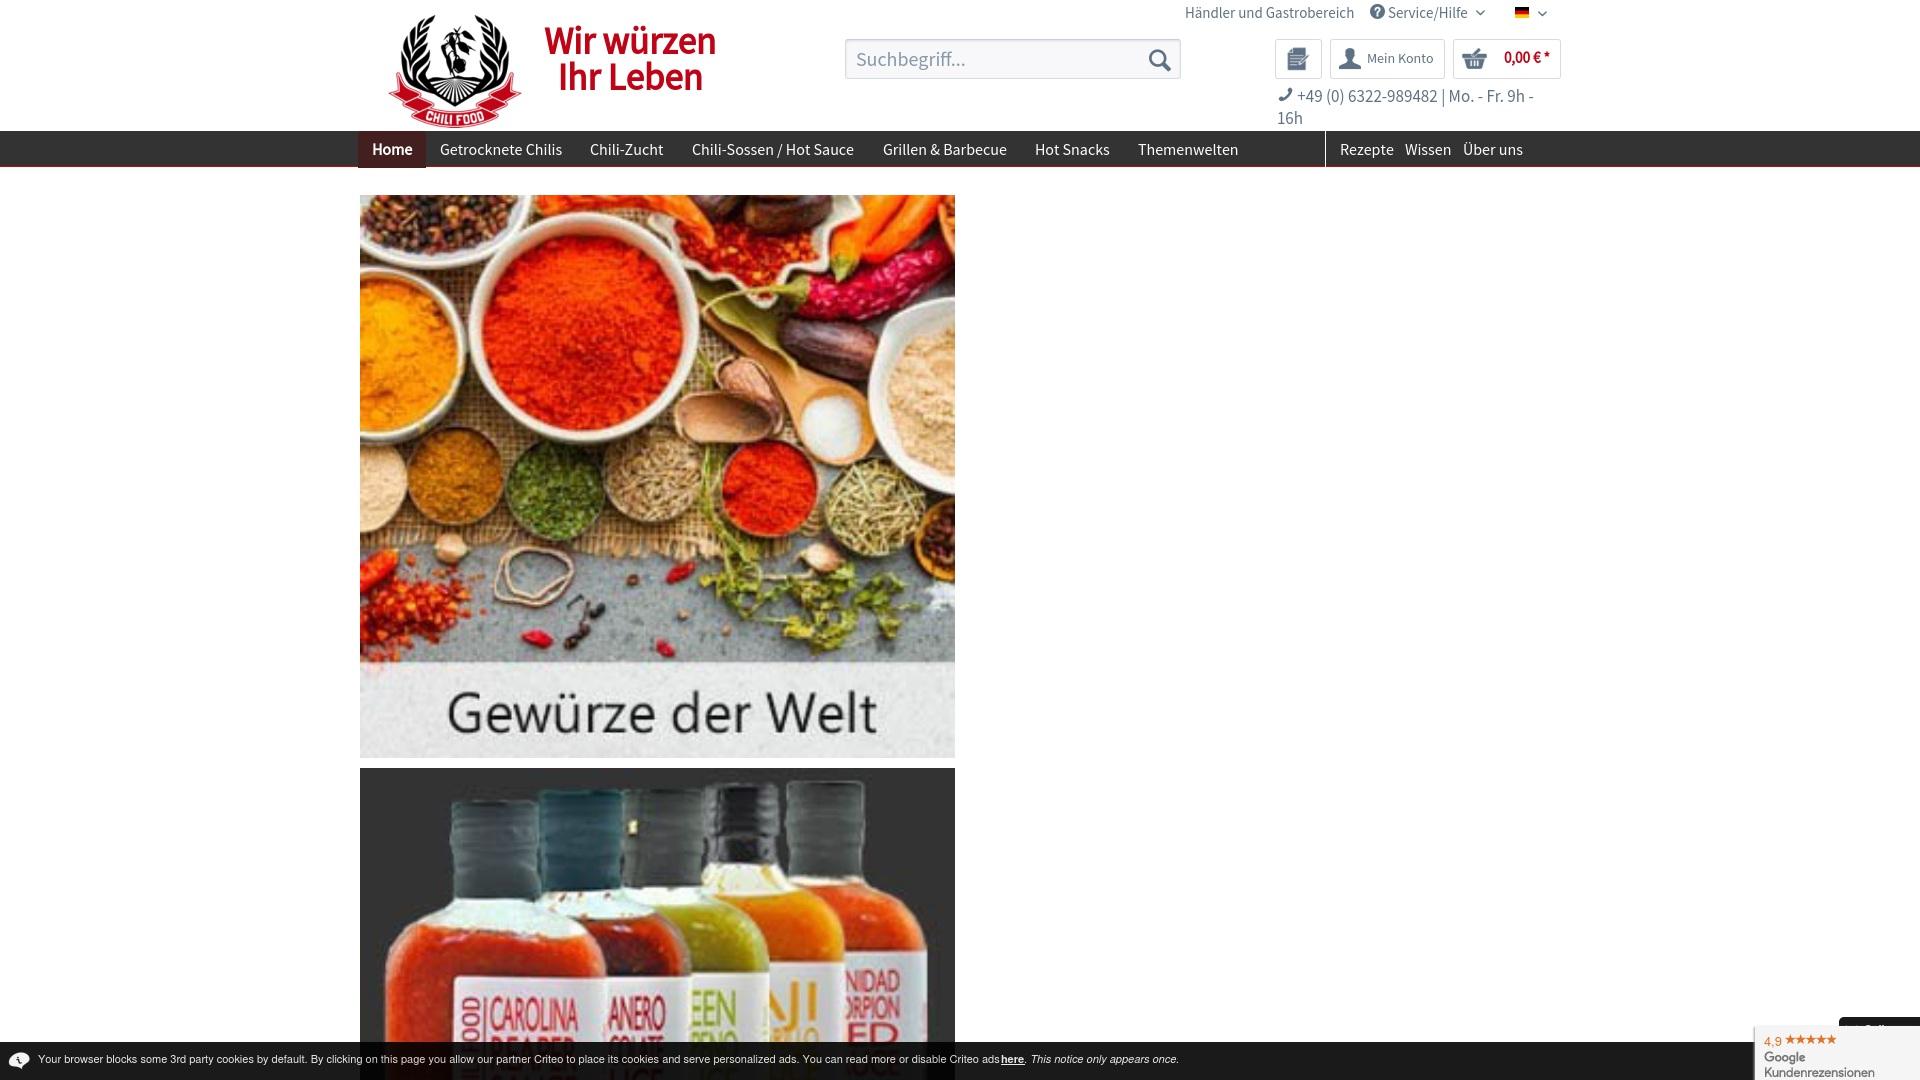 Gutschein für Chili-shop24: Rabatte für  Chili-shop24 sichern